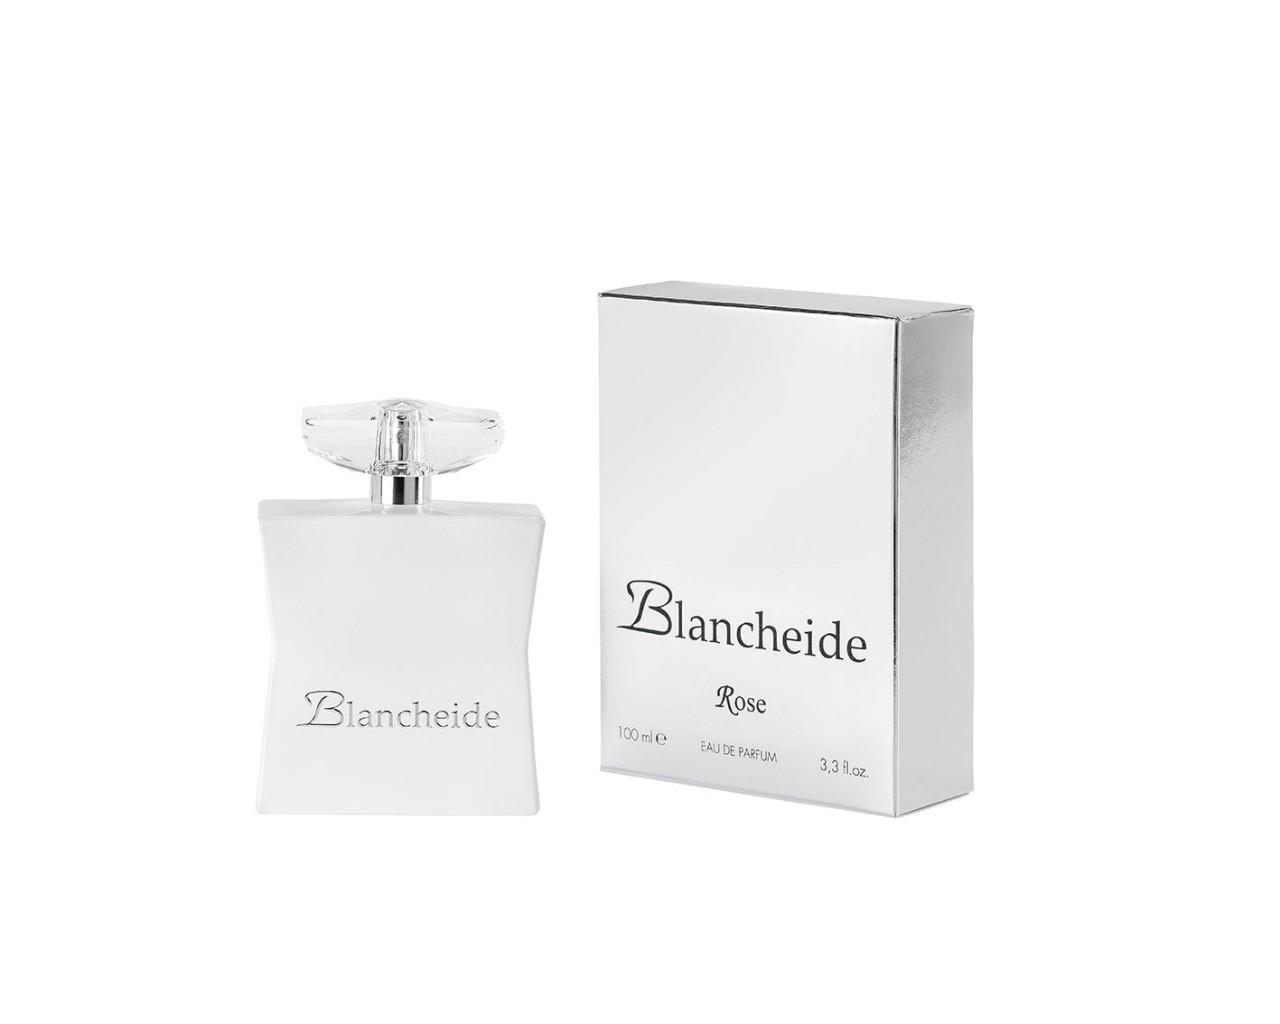 ROSE BLANCHEIDE EDP 100 ML Blancheide BLAV100RO-01